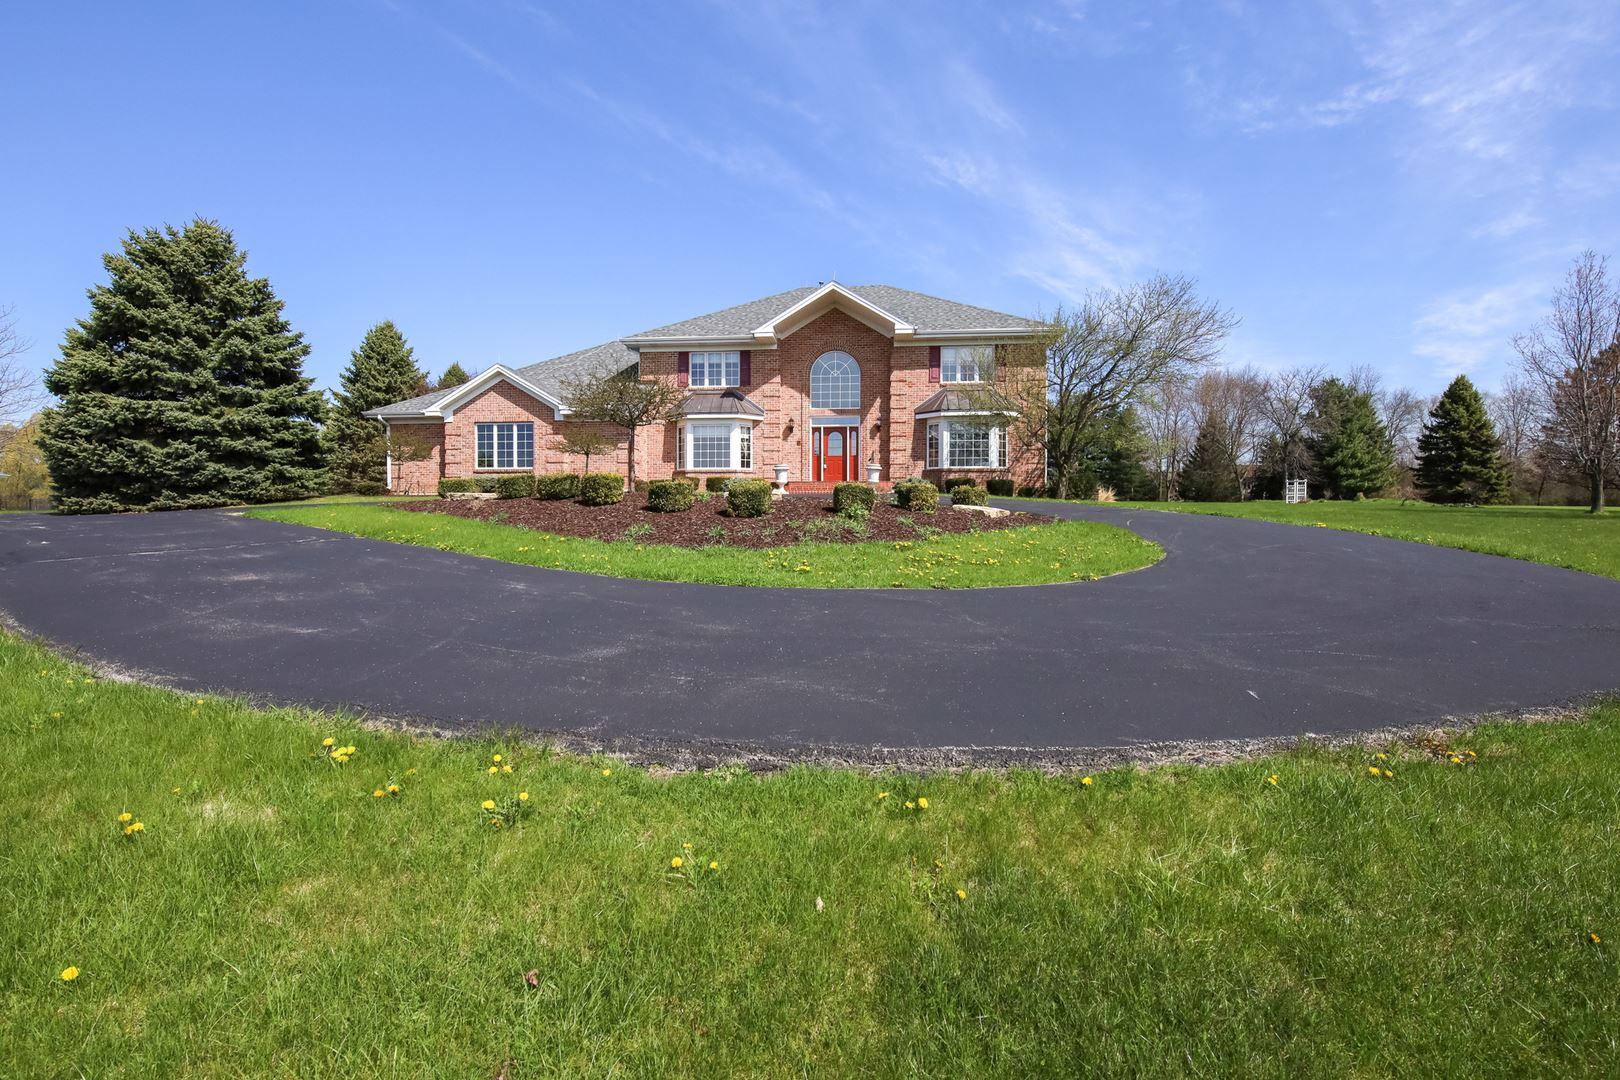 520 Schauer Lane, Rockford, IL 61107 - #: 10700100